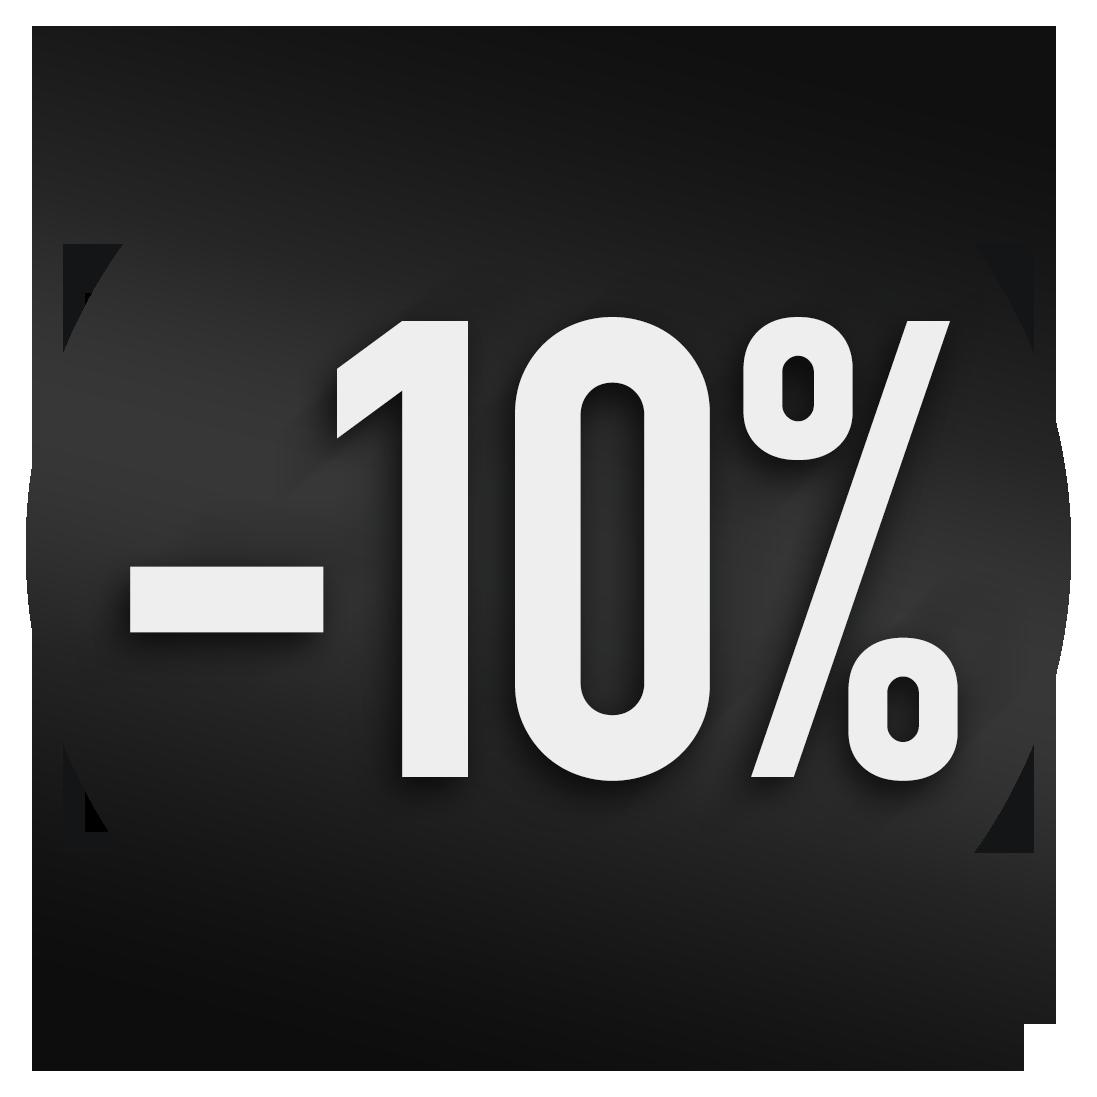 ISCRIVITI E RICEVI UNO SCONTO DEL 10% ♦ RICEVI COMUNICAZIONI E PROMOZIONI PERSONALIZZATE ♦ ACCEDI IN ANTICIPO A LANCI PRODOTTO E SALDI ♦ INVITI AD EVENTI SPECIALI